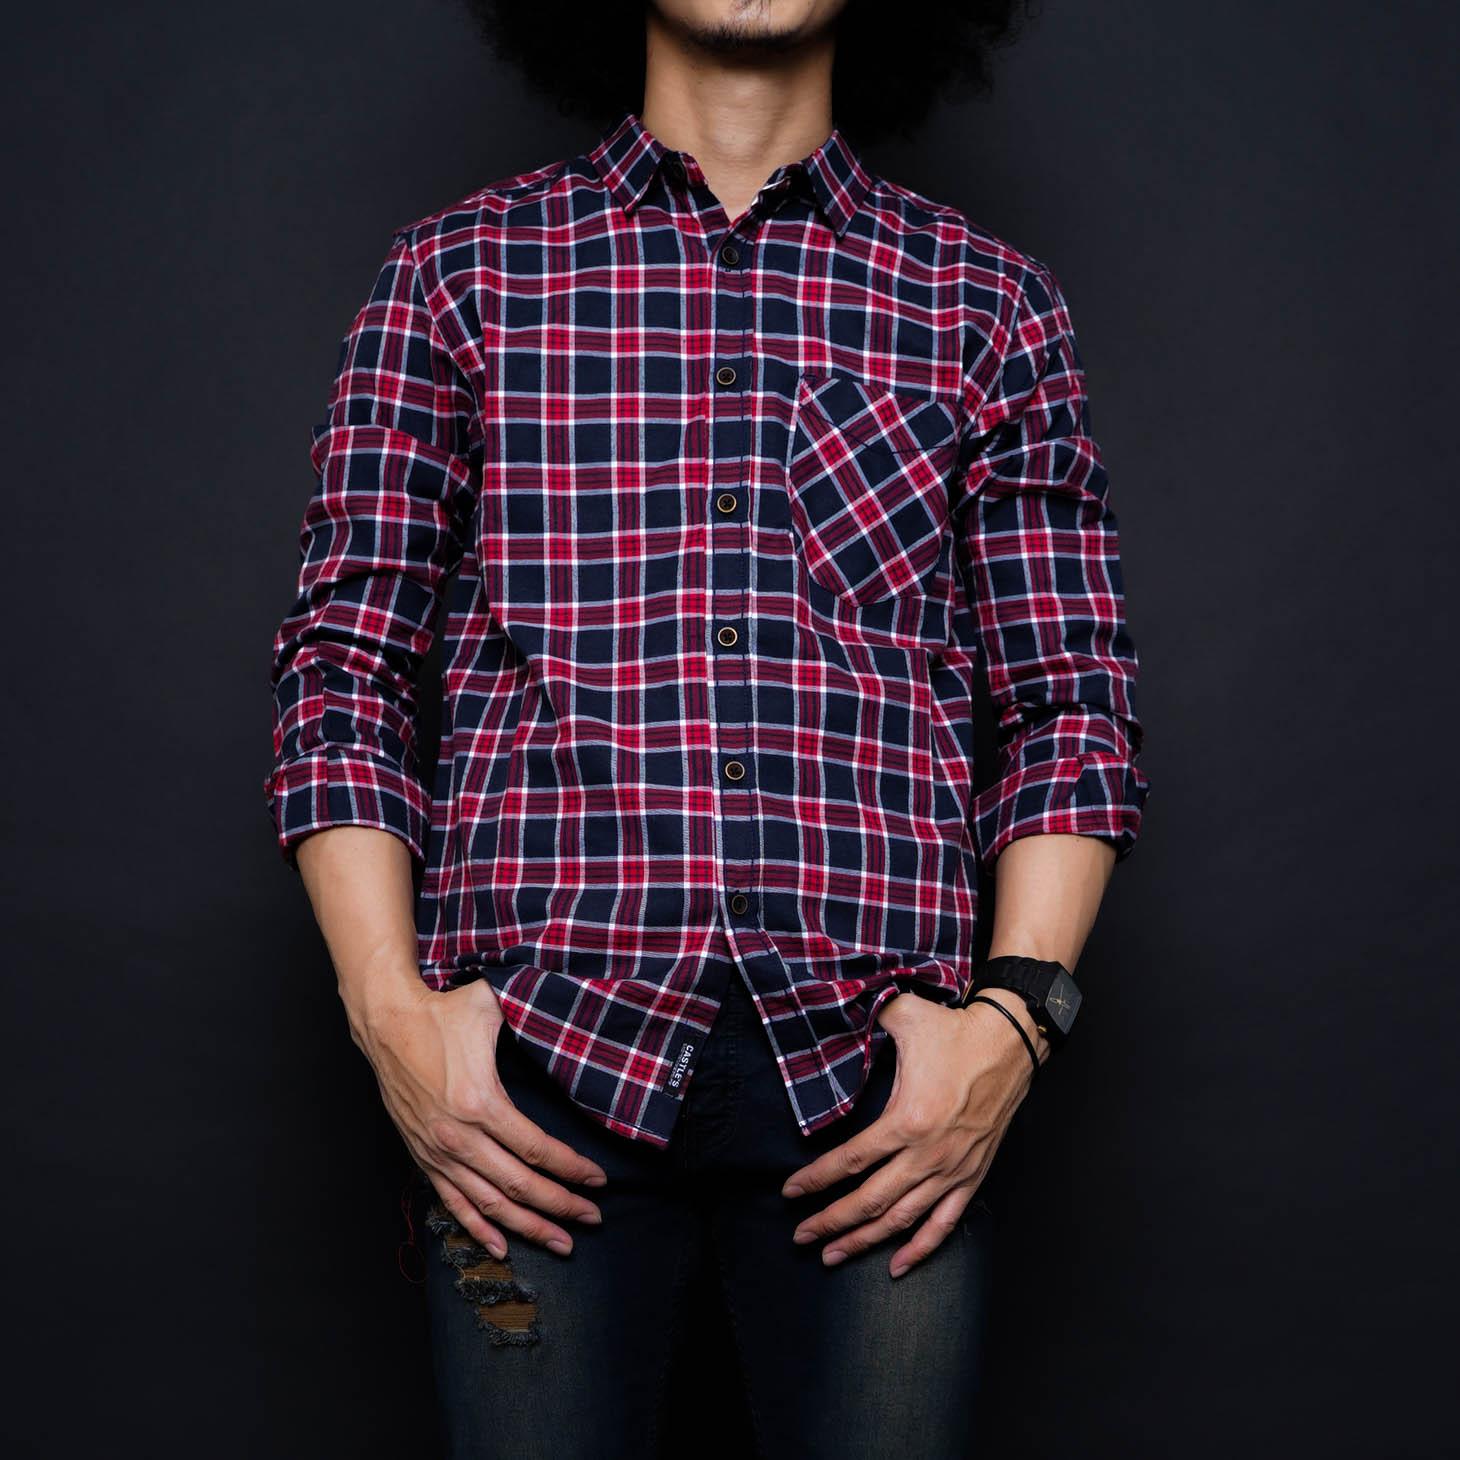 zs_fashion 6784 kemeja flanel pria lengan panjang exclusive baju kemeja flanel cowok kerja kantoran kemeja distro